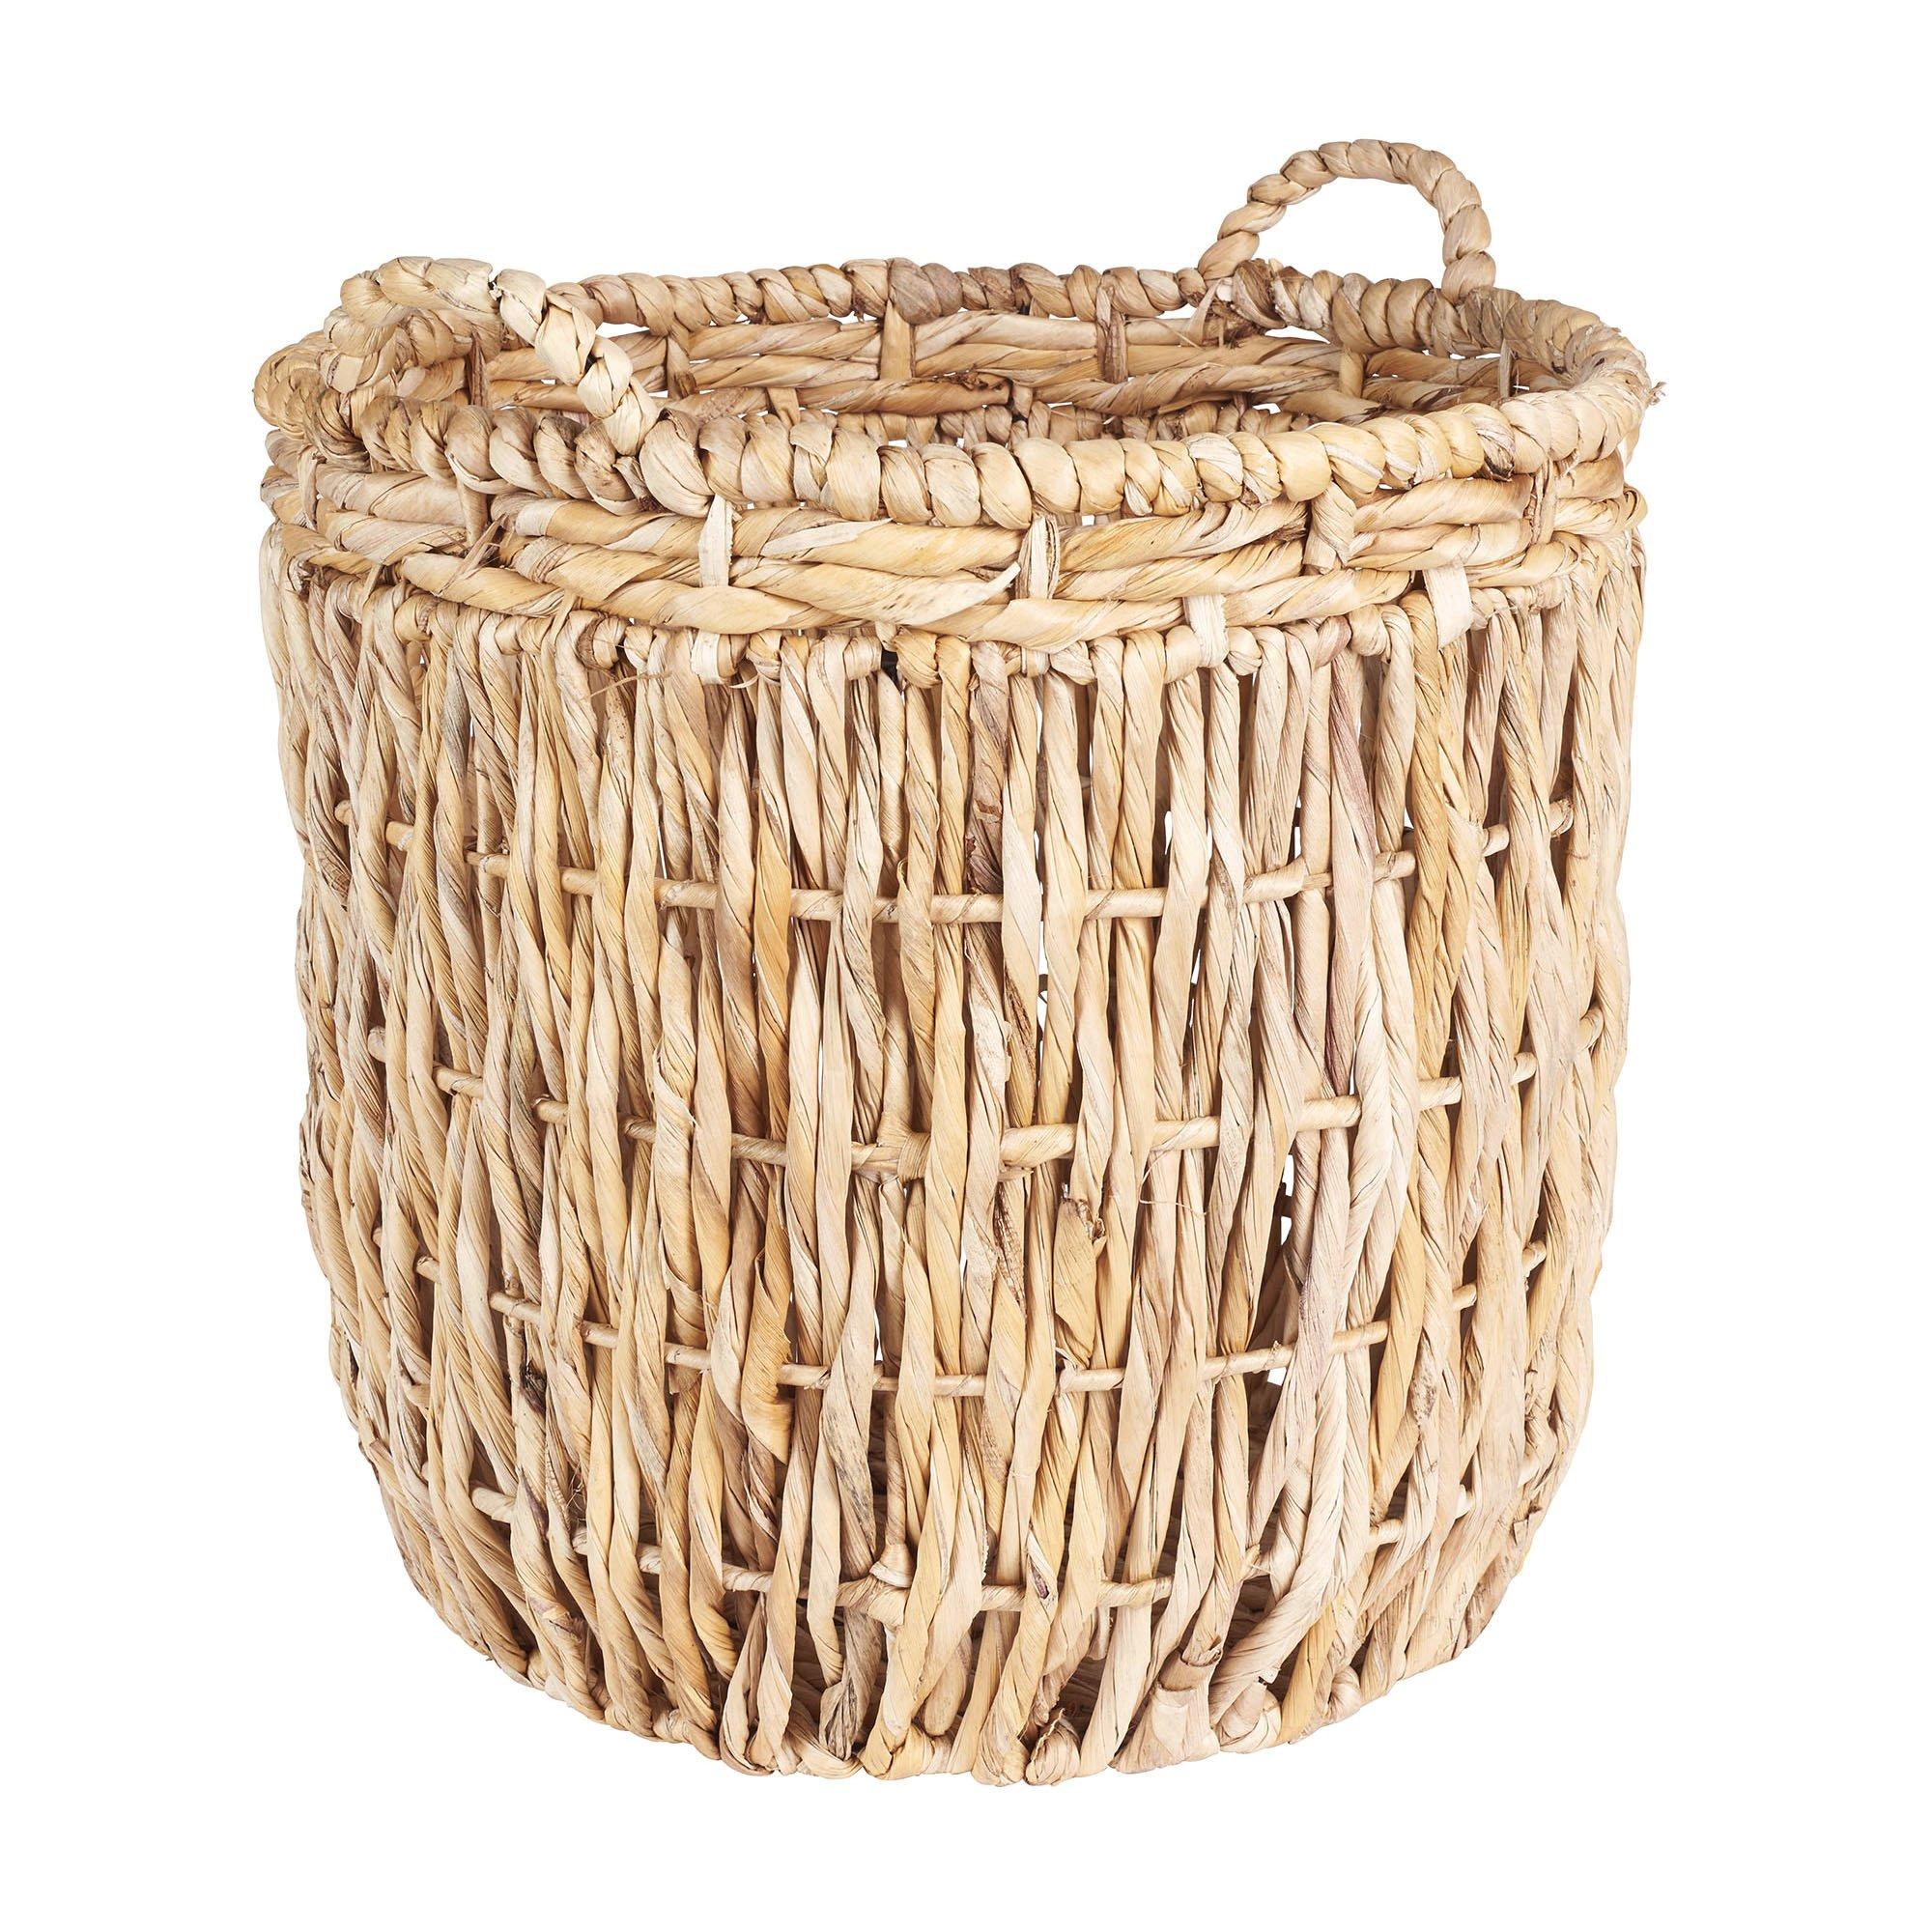 Household Essentials Brown Tall Round Wicker Storage Basket